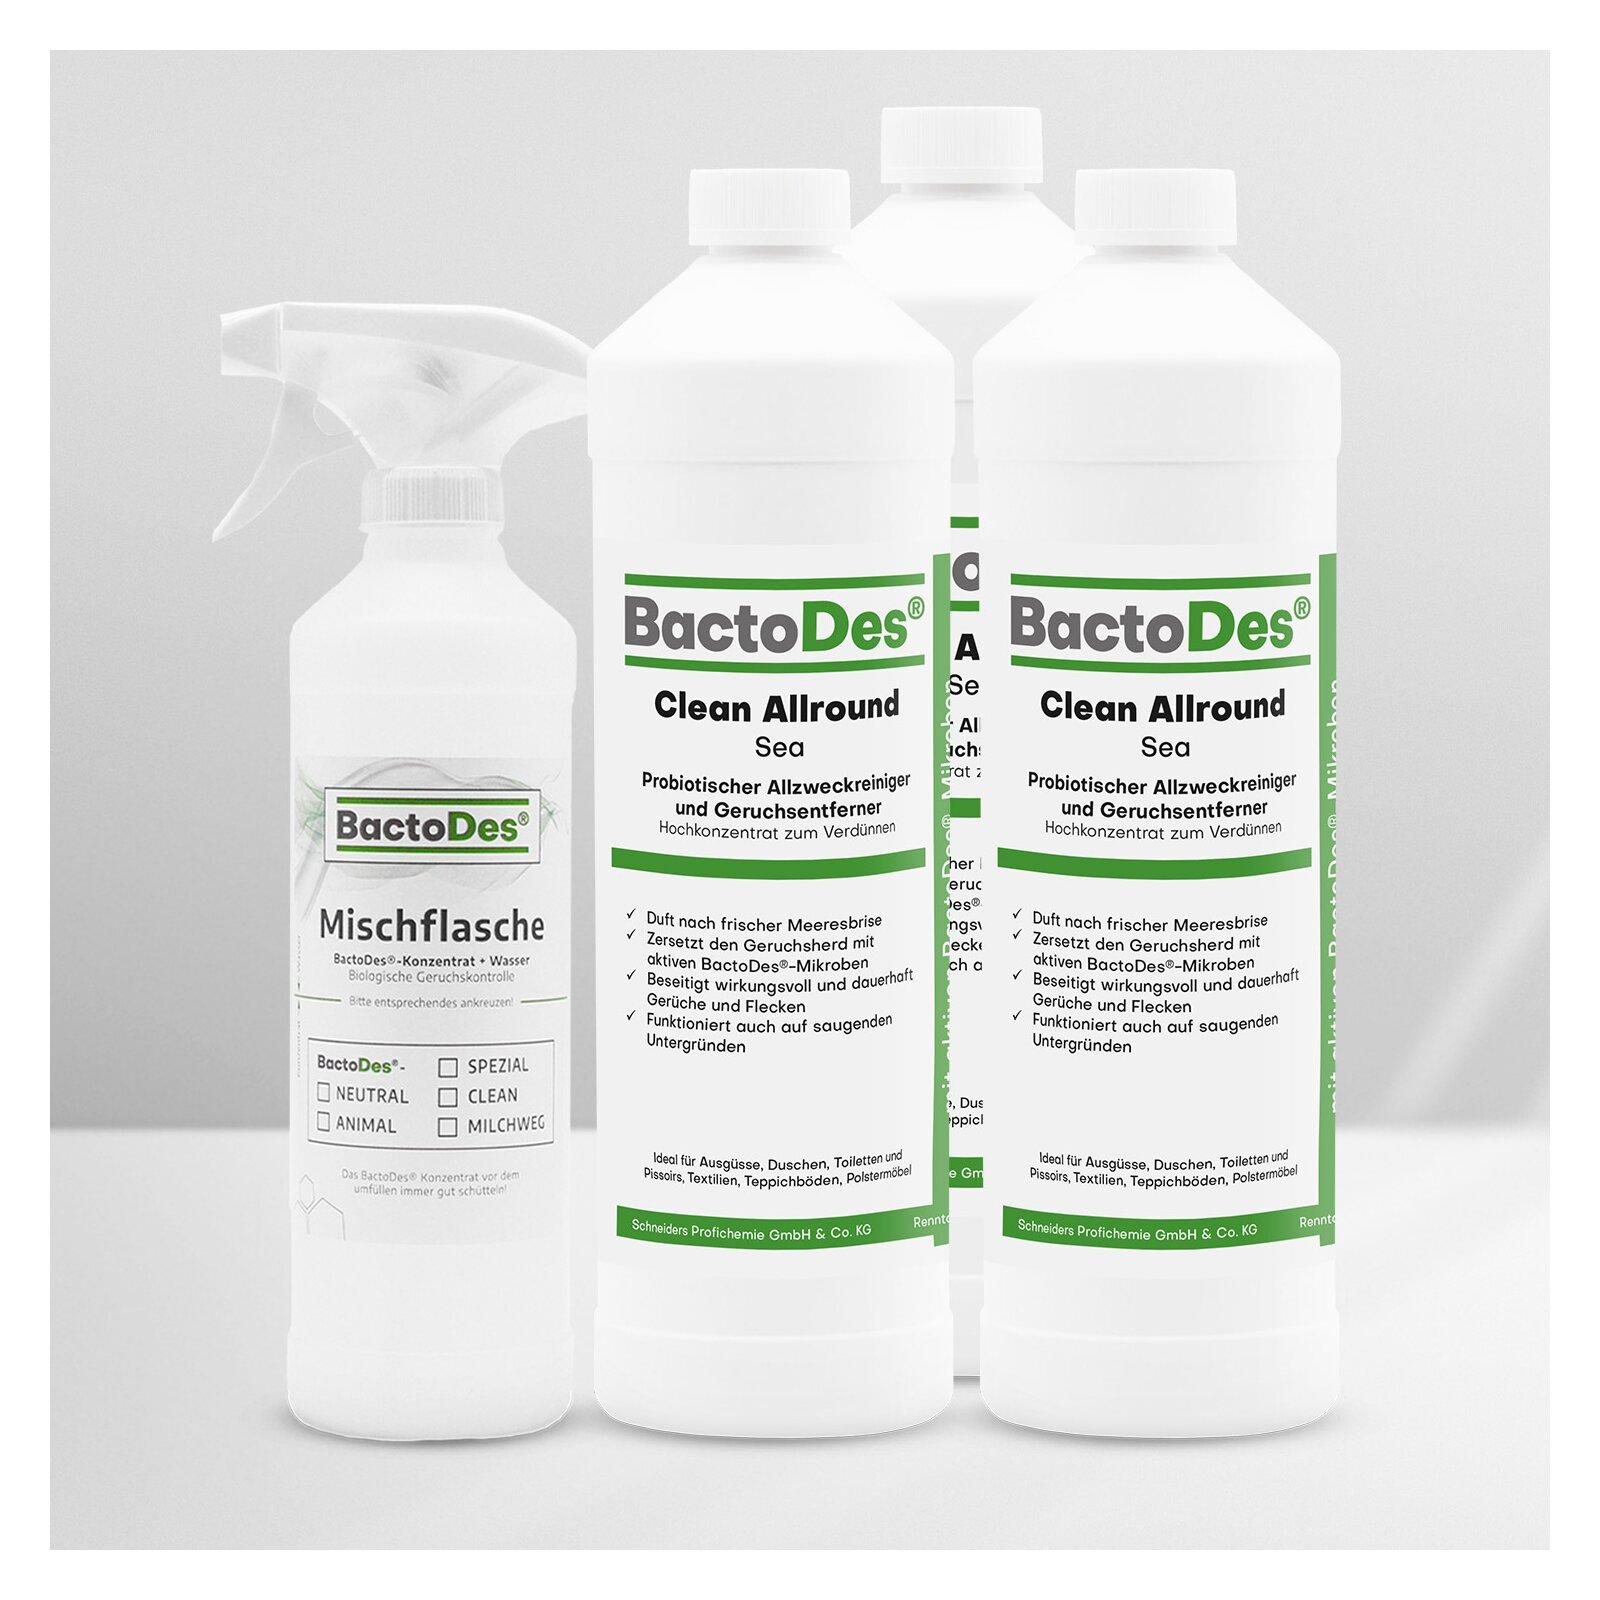 BactoDes(R)Clean Sea  Meeresbrise  Frisch  Aquatisch 3x1Liter Set incl1 MischUnd Sprühflasche